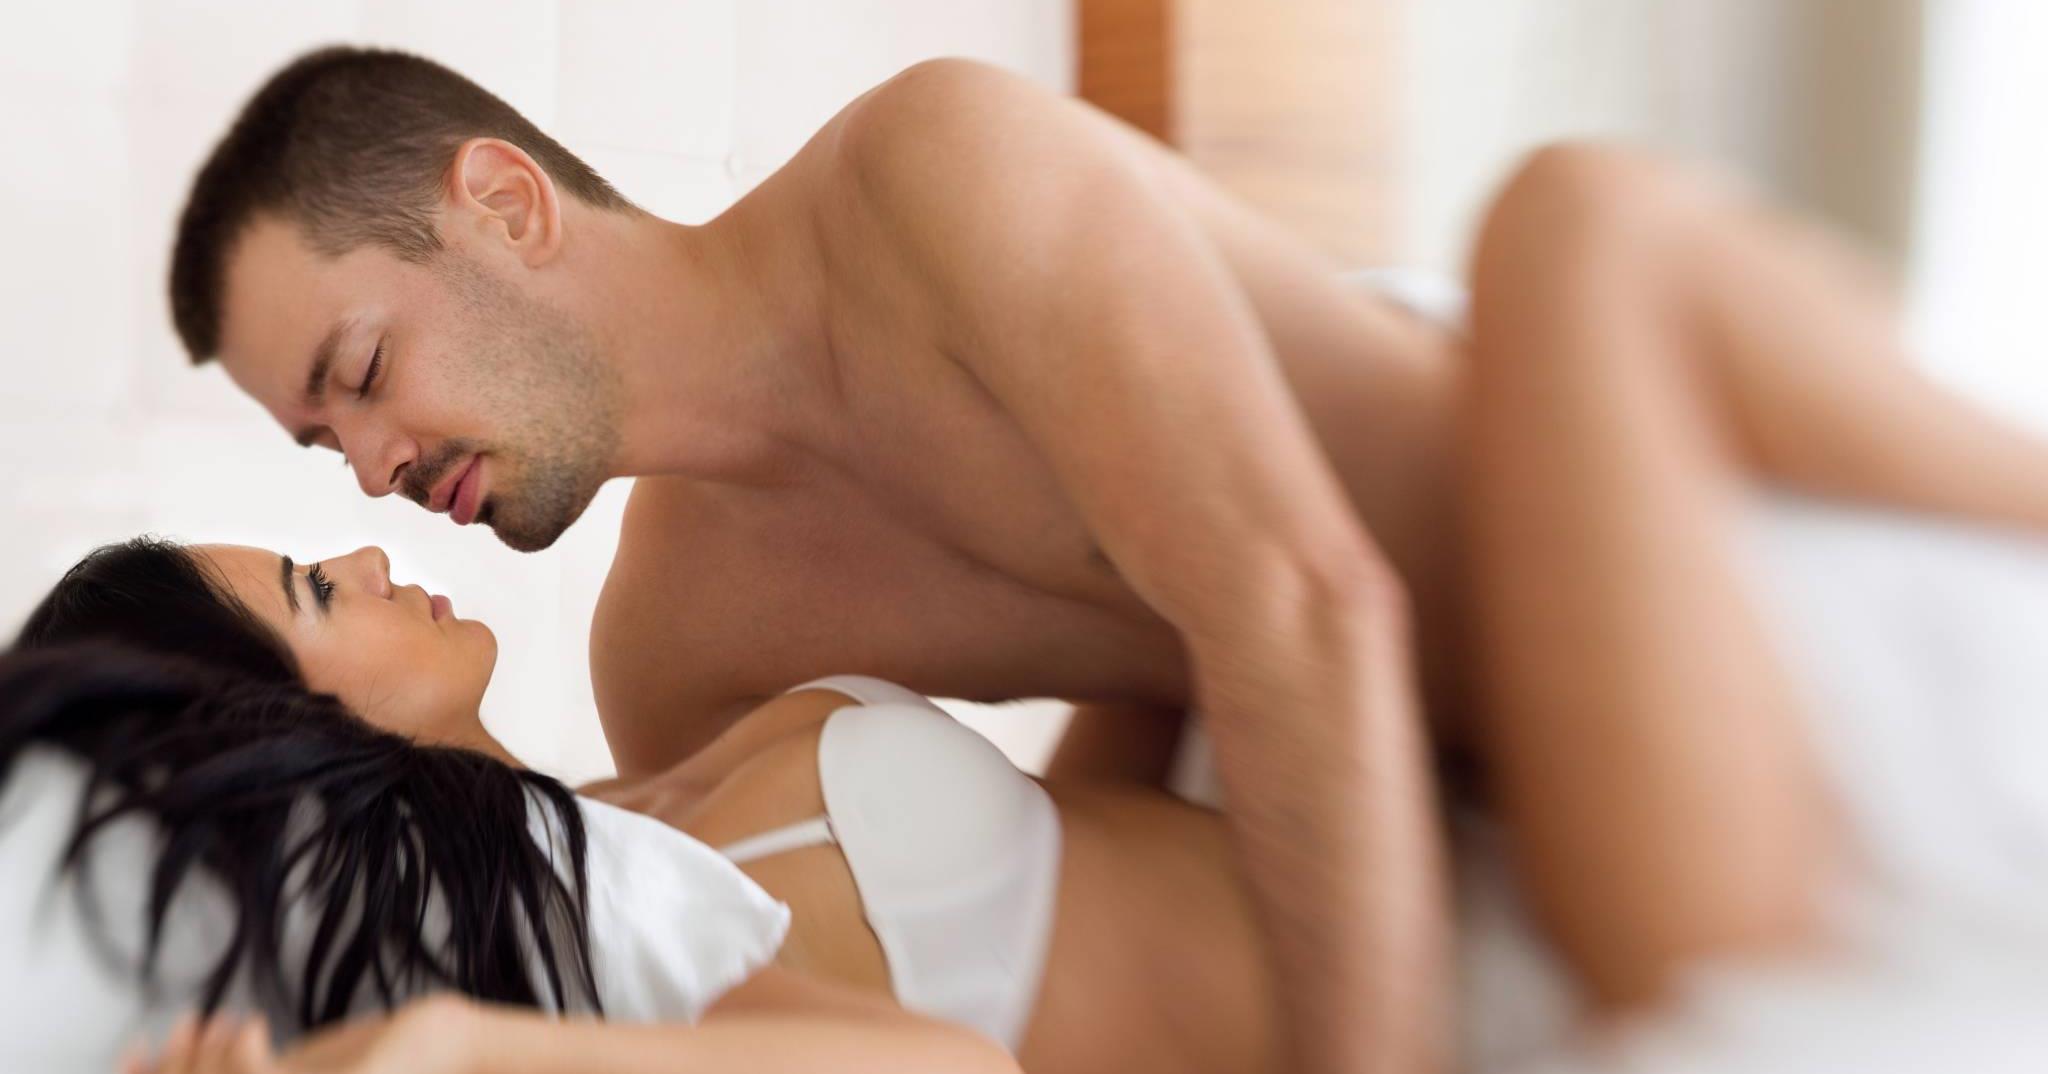 legjobb szex orgiák